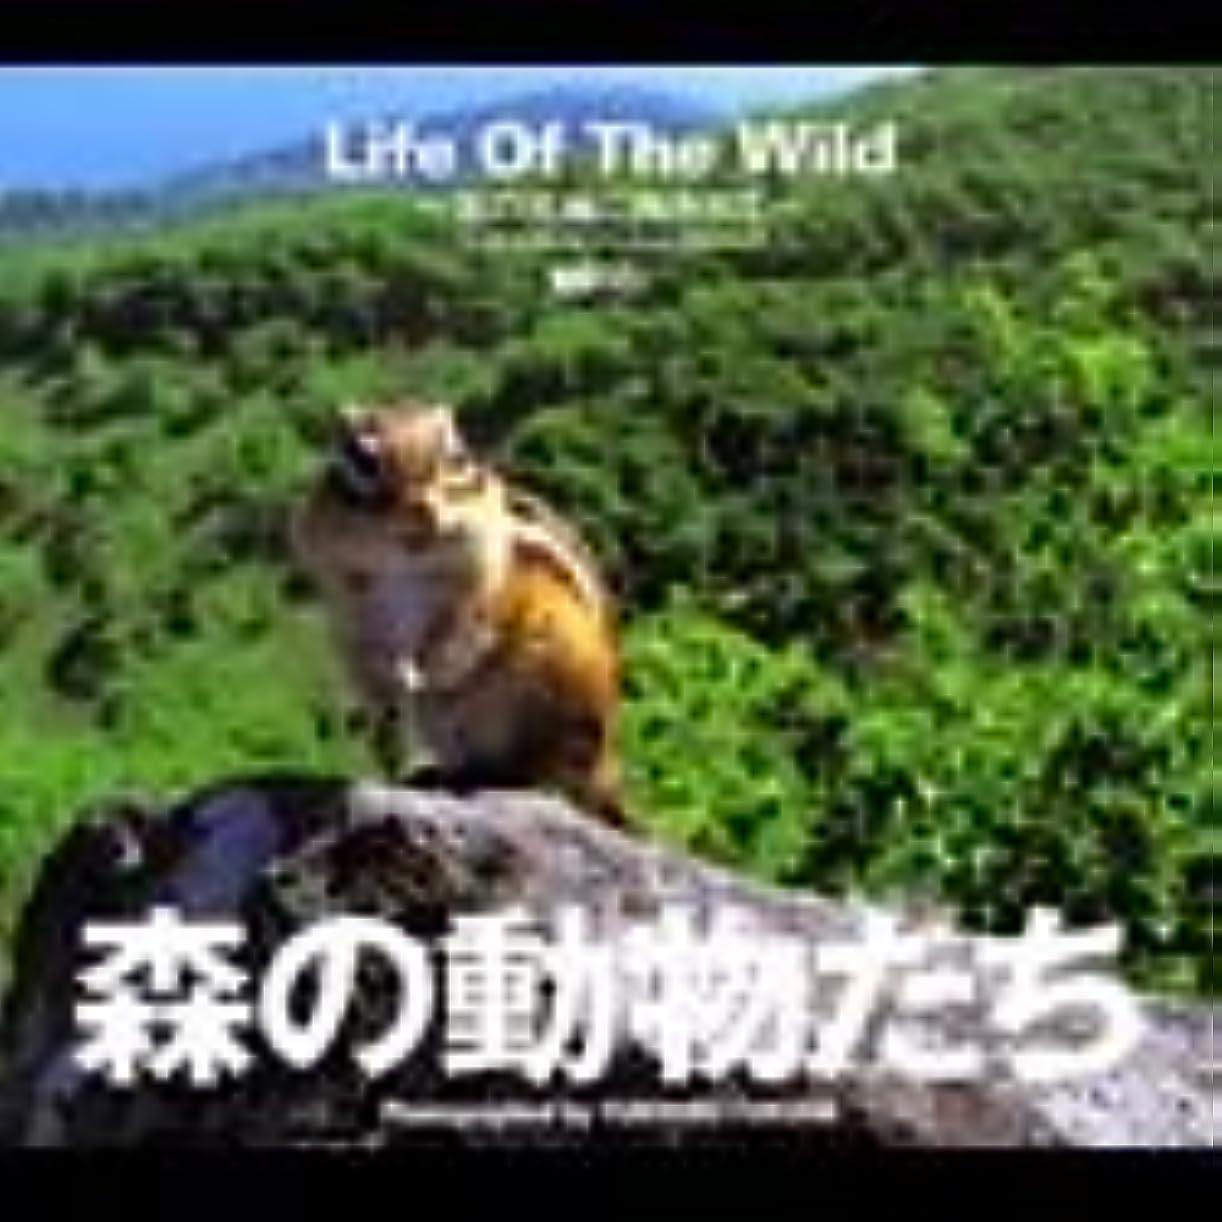 ビーチクロス残り森の動物たち Life Of The Wild